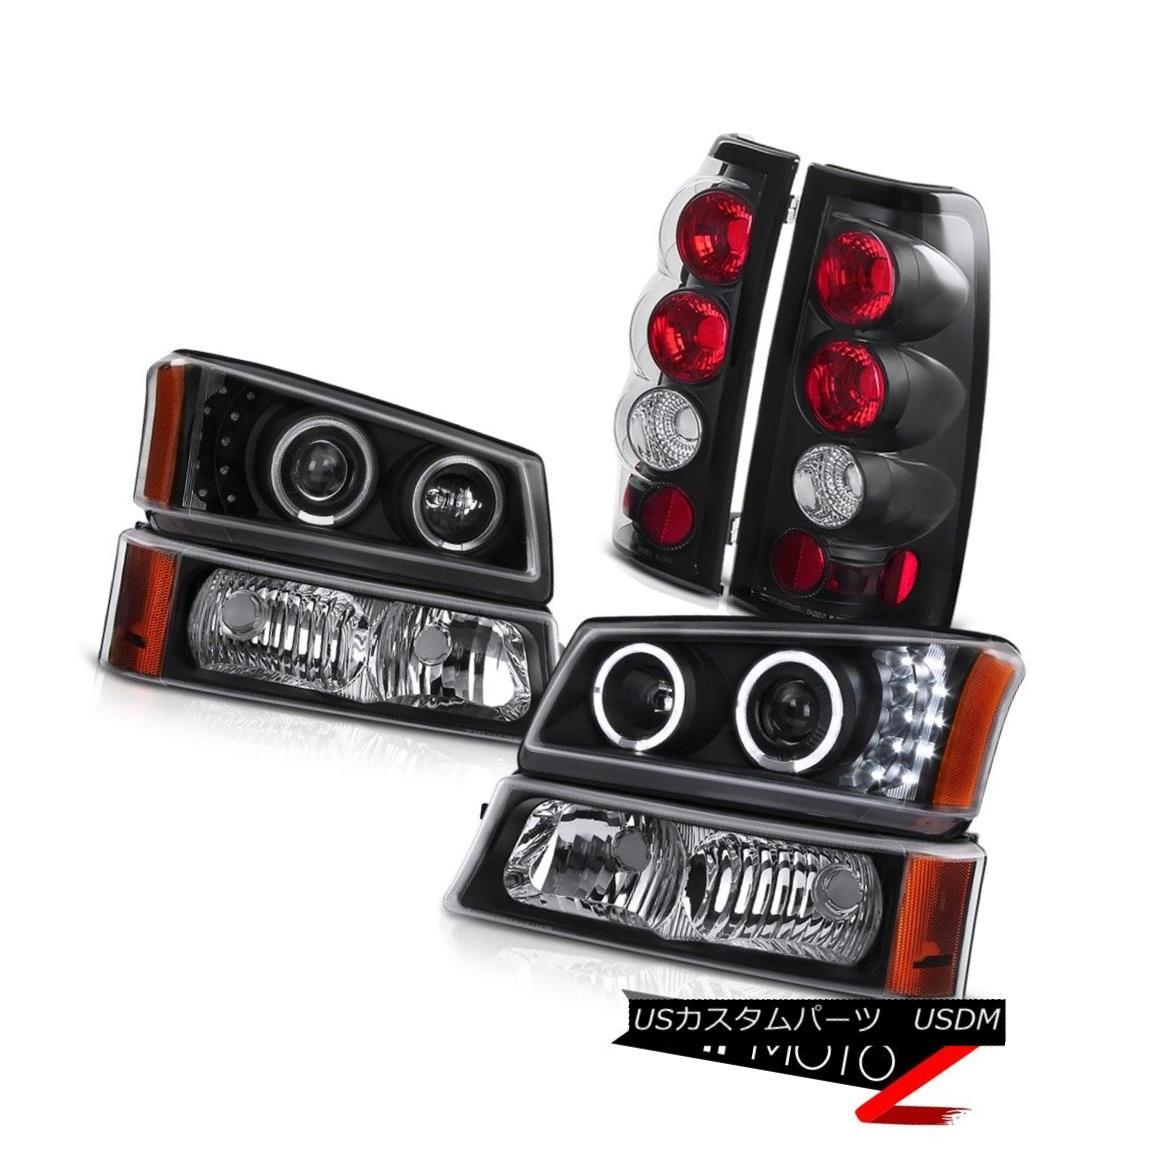 テールライト Black Headlight Projector Signal Parking Lights Clear Tail Lamps 05 06 Silverado ブラックヘッドライトプロジェクター信号駐車場ライトクリアテールランプ05 06シルバラード